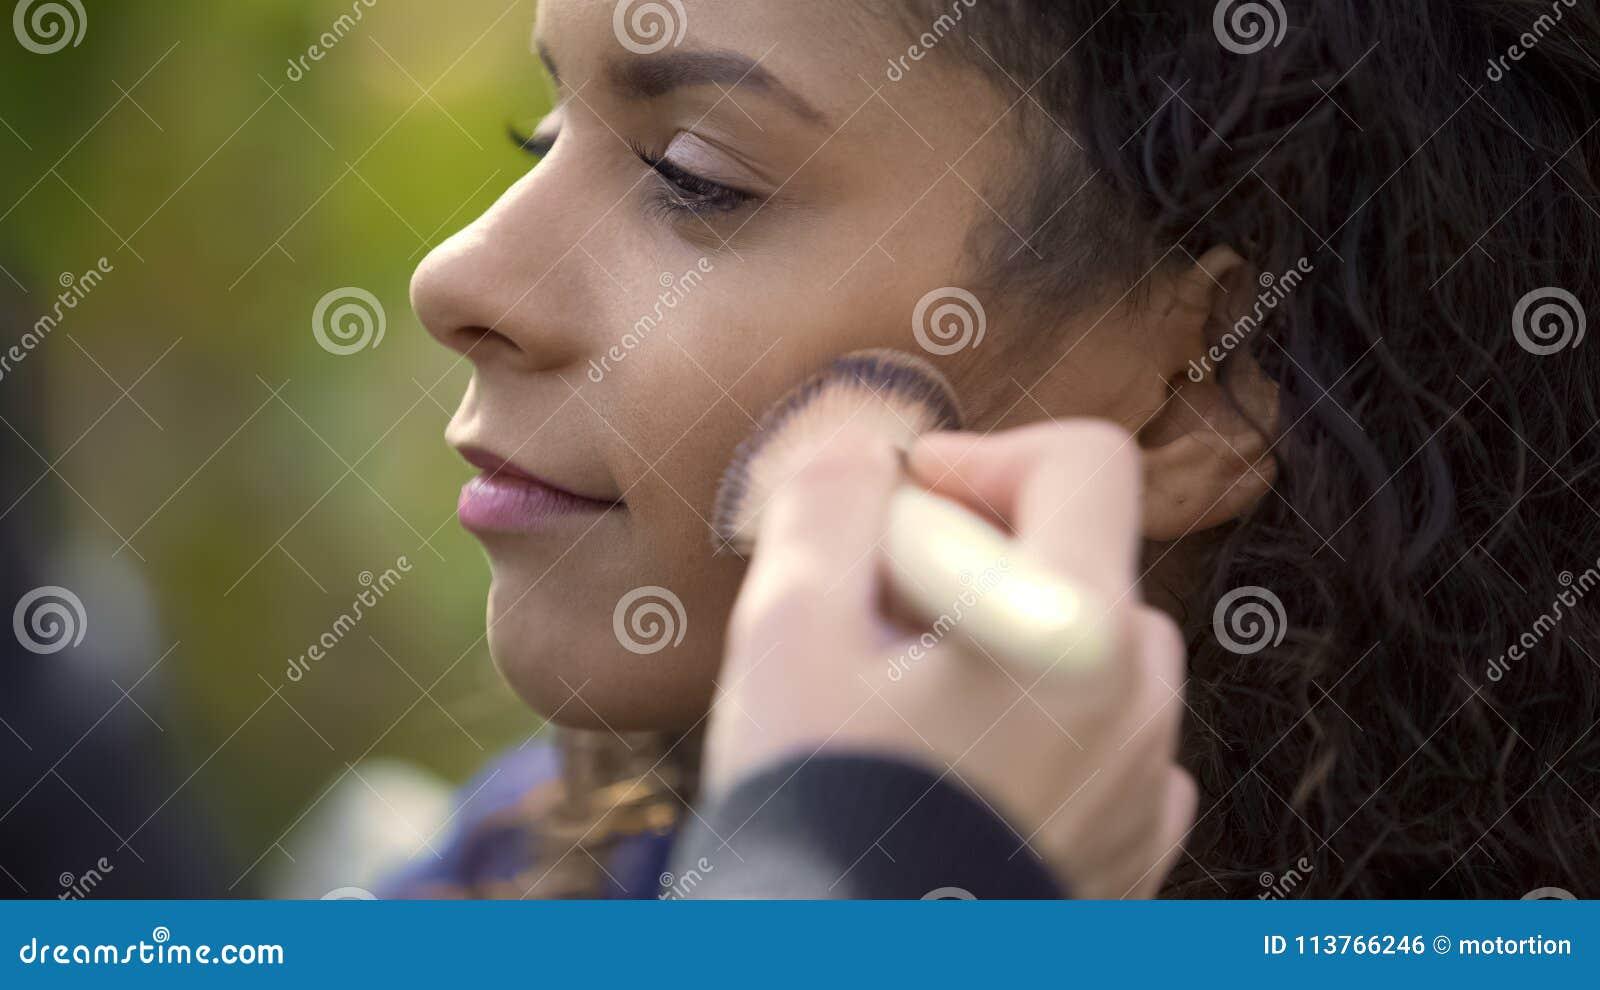 Makeup artysta stosuje proszek z muśnięciem na policzkach dosyć mieszany rasa model